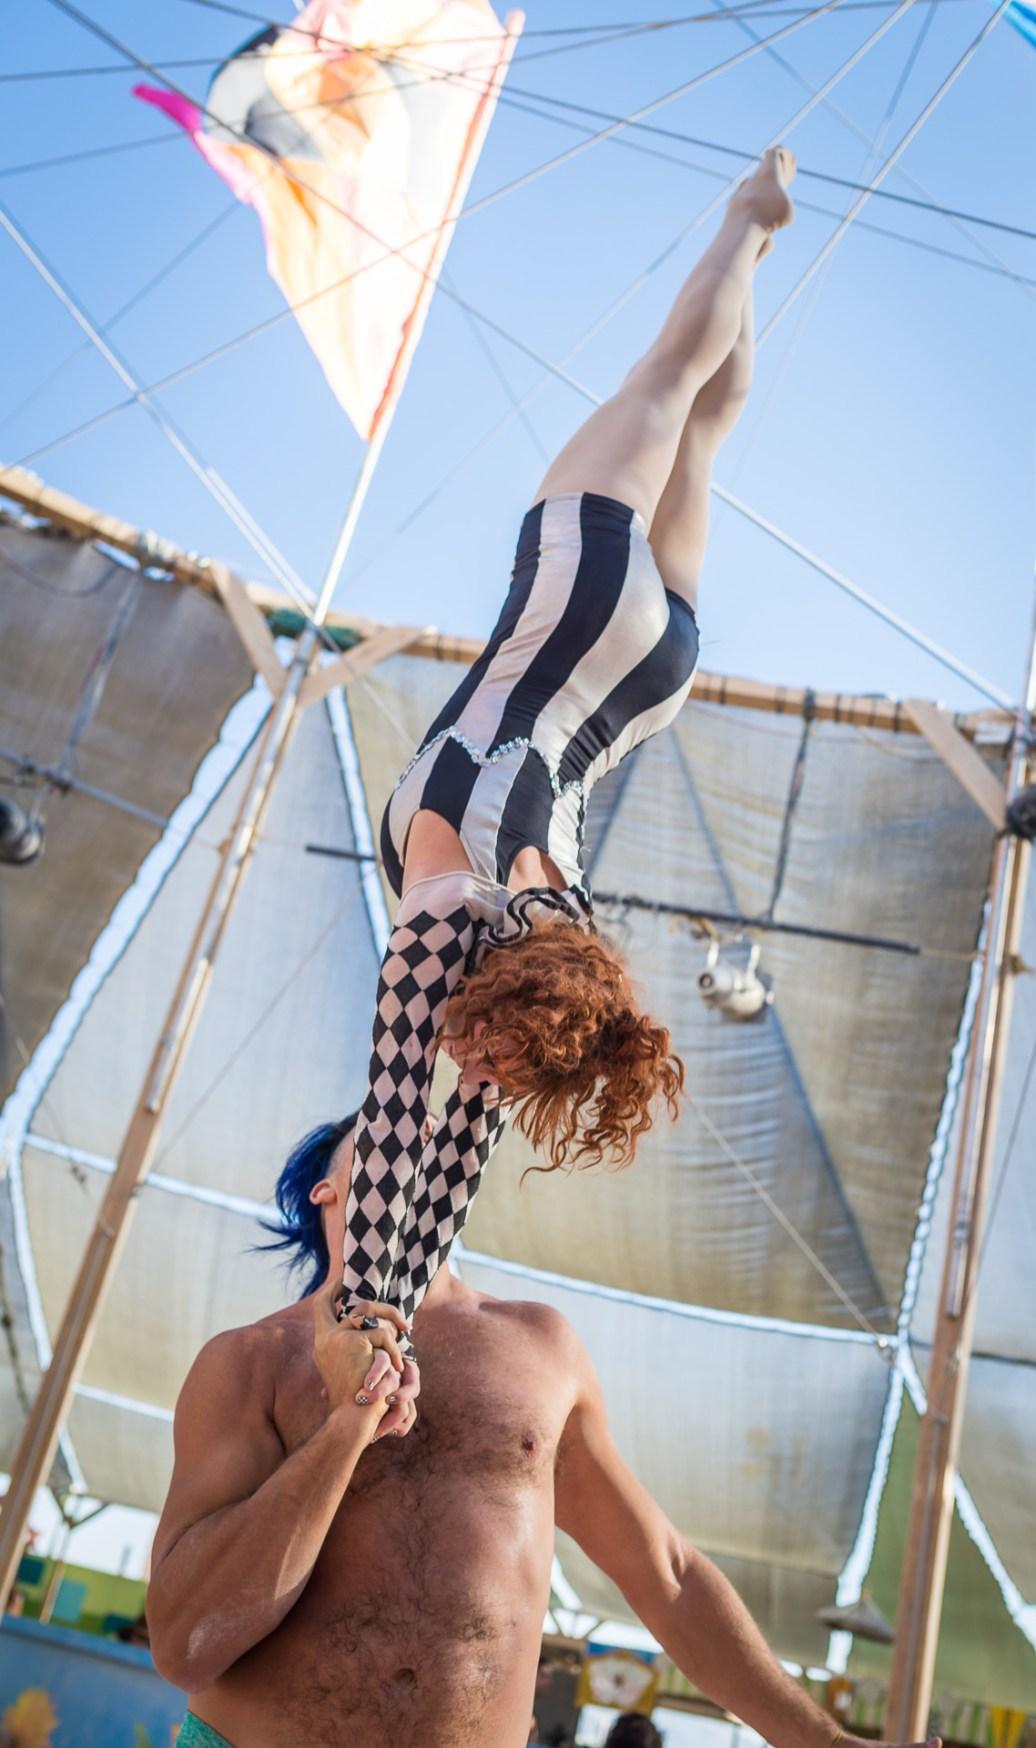 Knot pose at Burning Man 2015